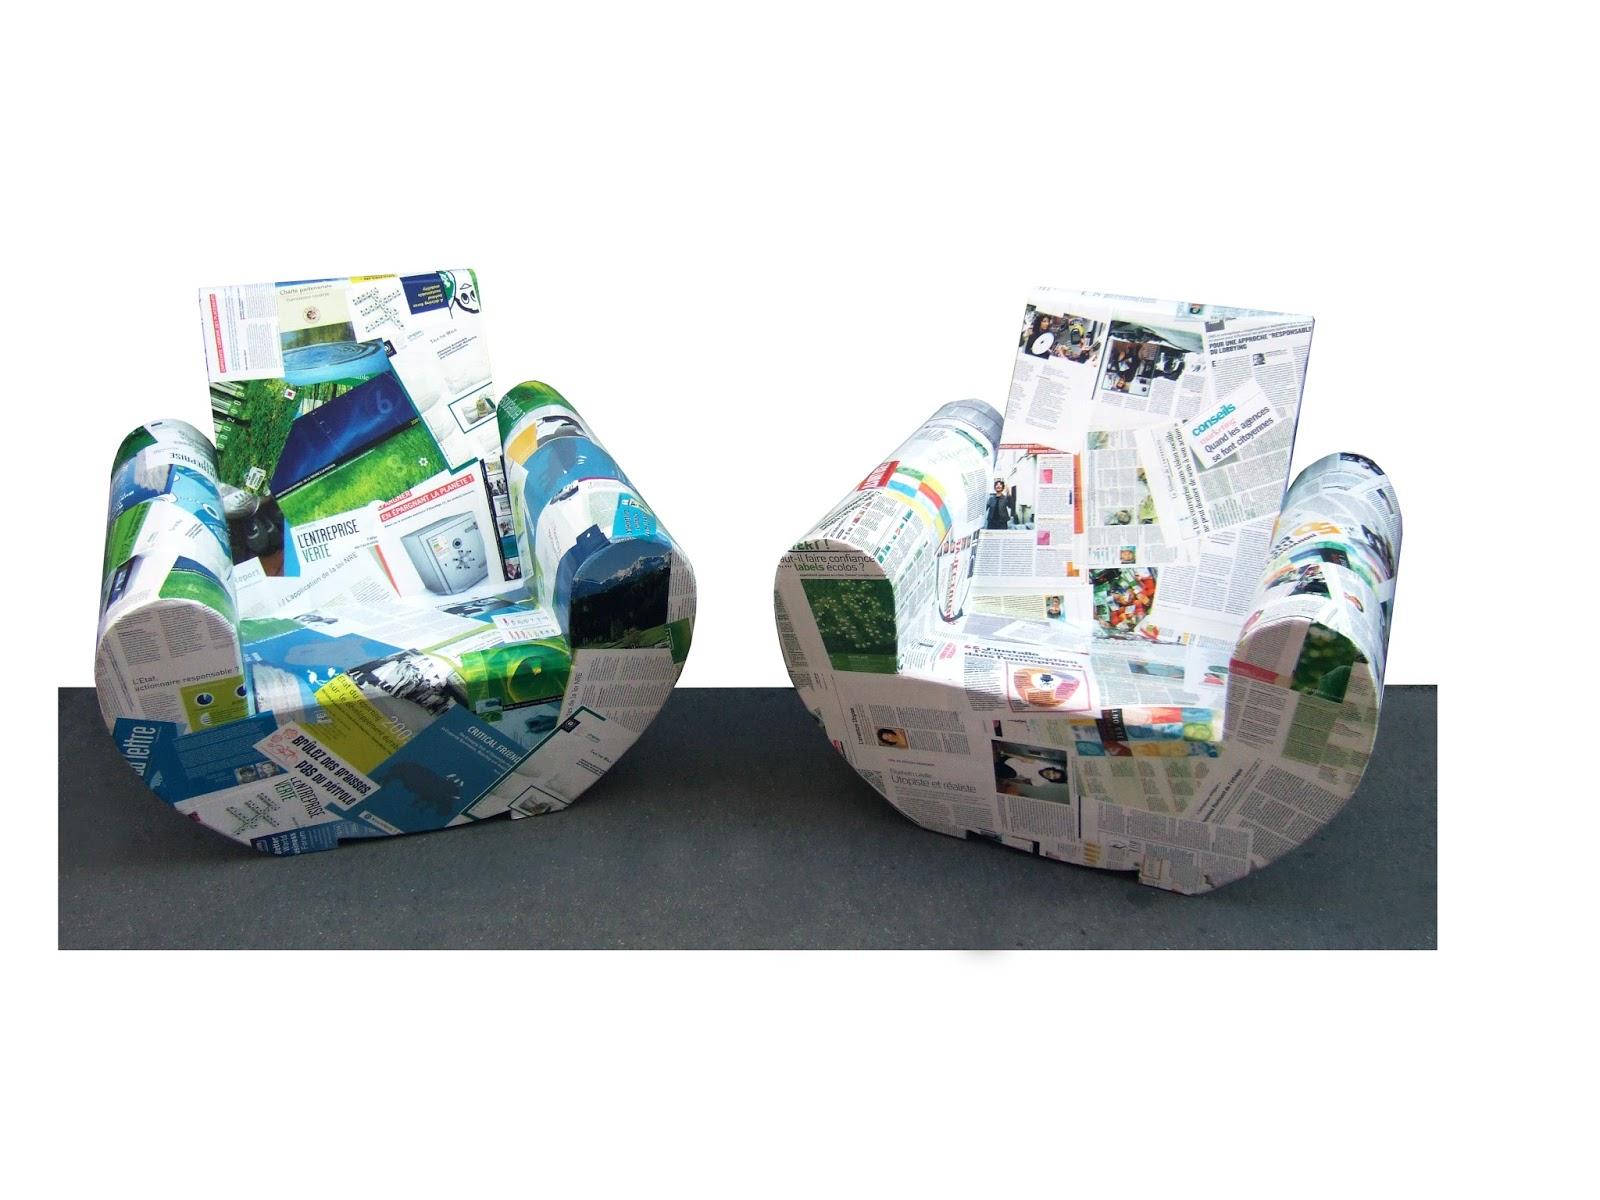 fauteuil club en carton design. marouflage papier et bande dessinée. création en carton sur mesure fabriqué à marseille par juliadesign